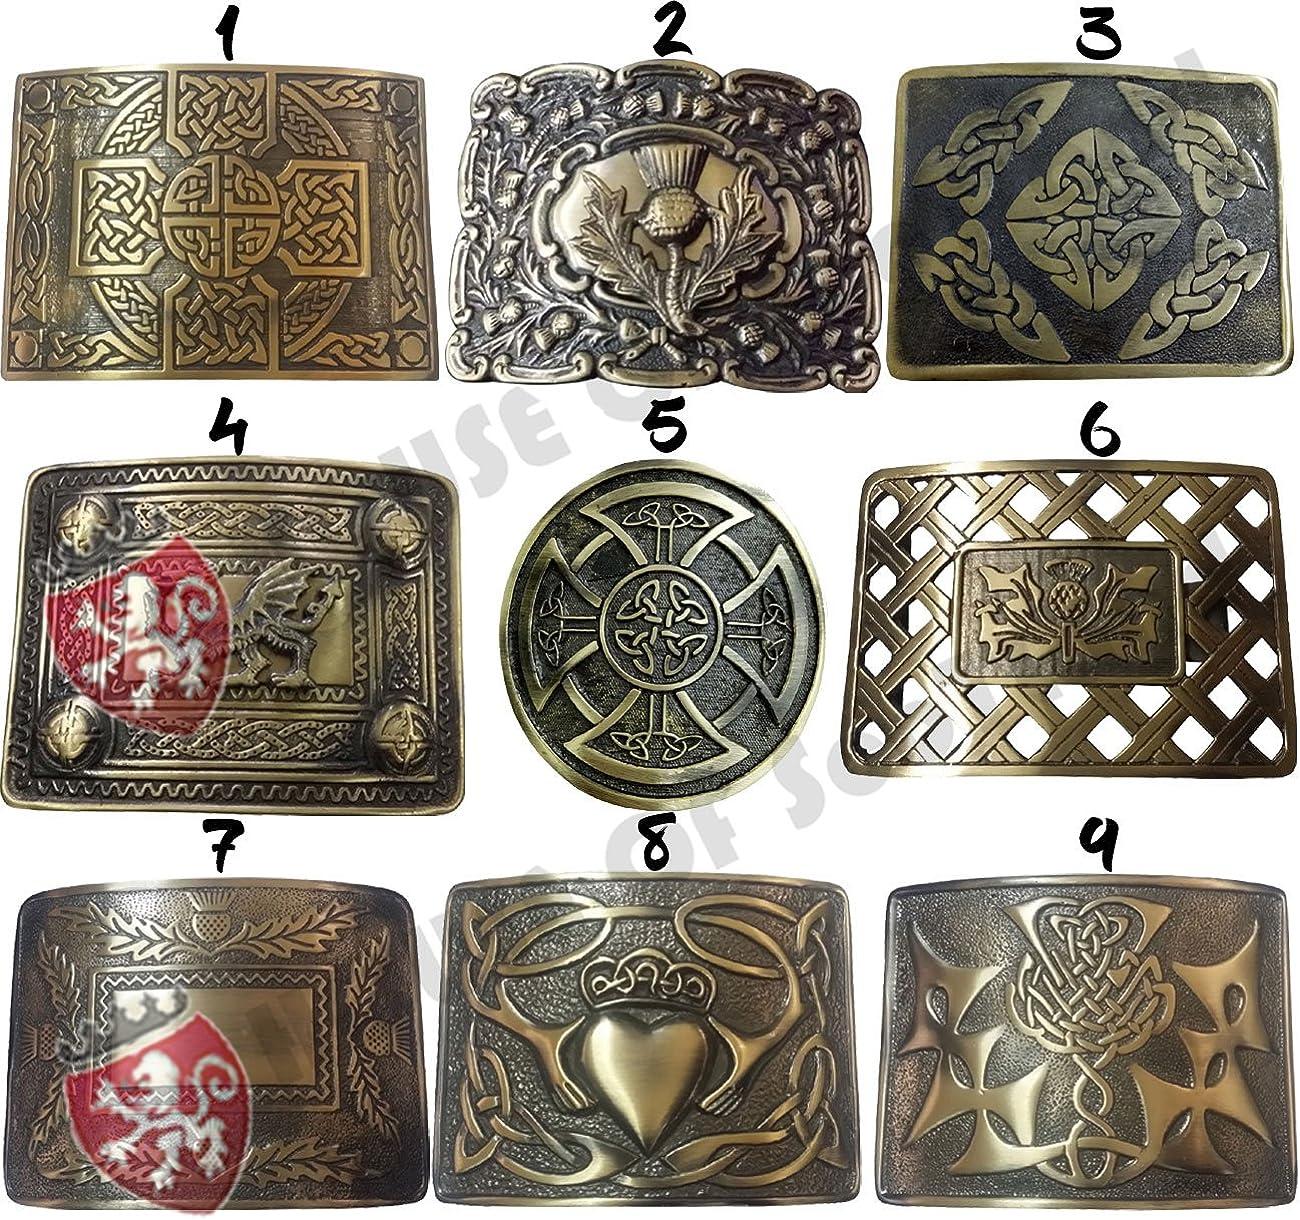 New Mens Kilt Belt Buckle Celtic Swirl Pattren Antique Finish//Celtic Belt Buckle